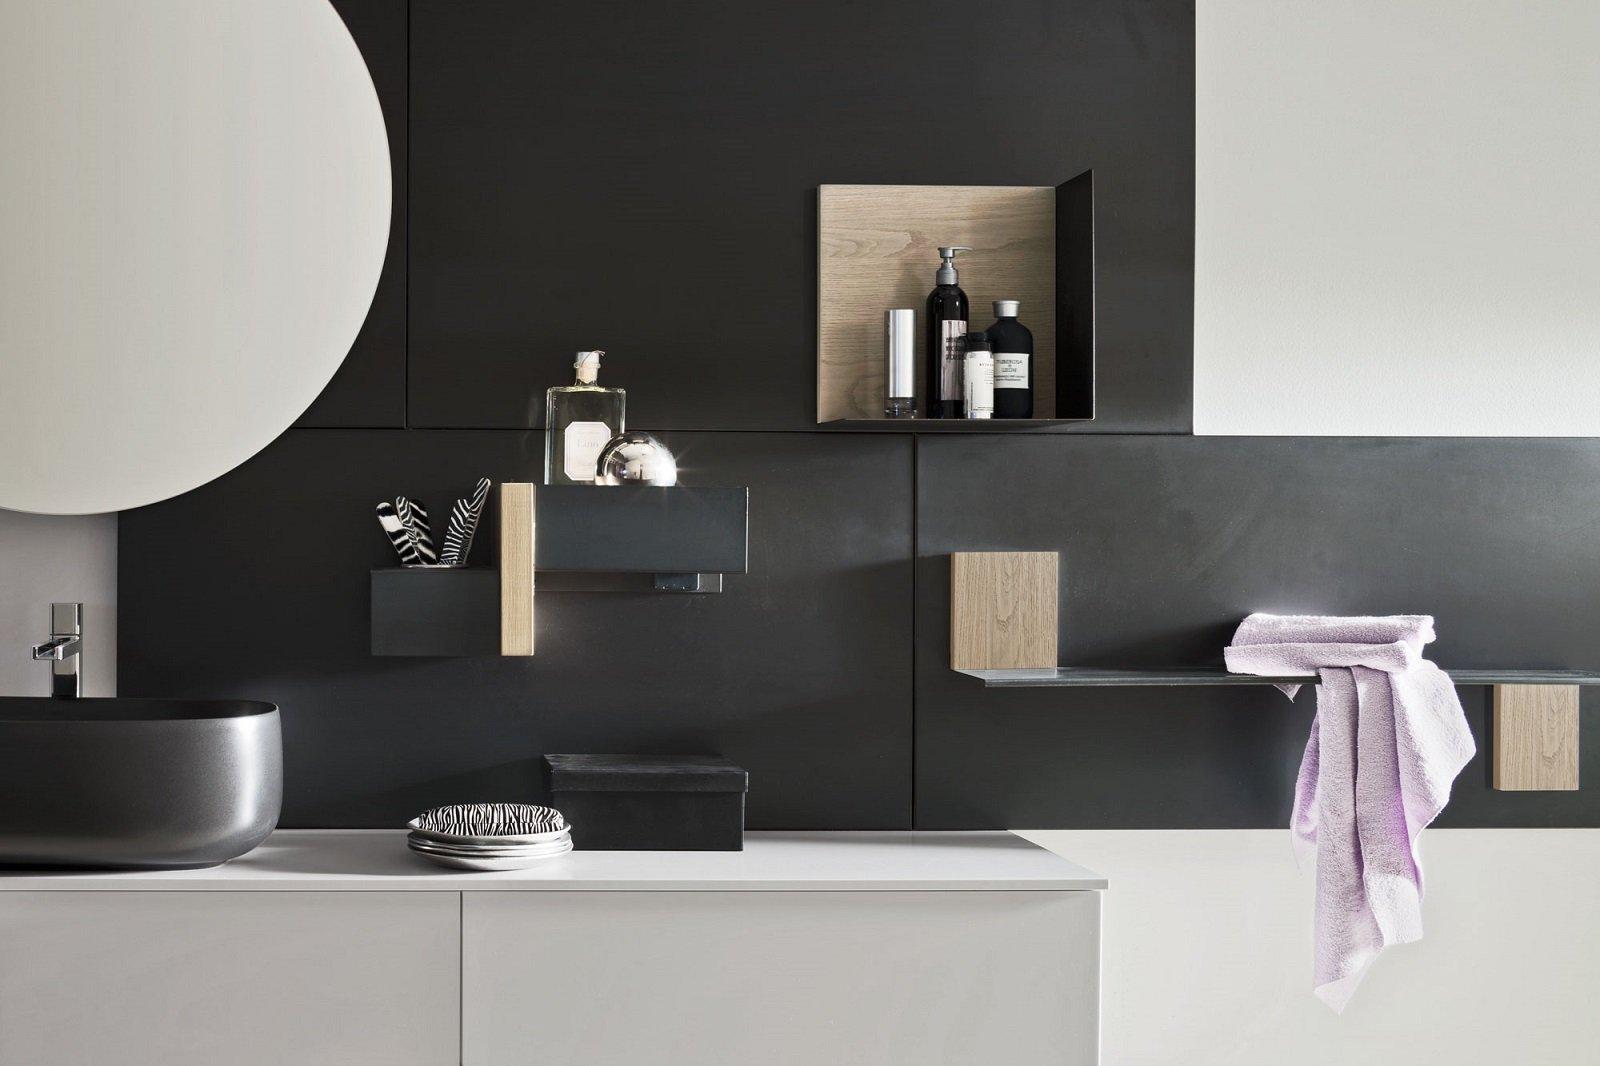 Gli accessori per il bagno rendono pi funzionale e piacevoleil bagno - Accessori x il bagno ...